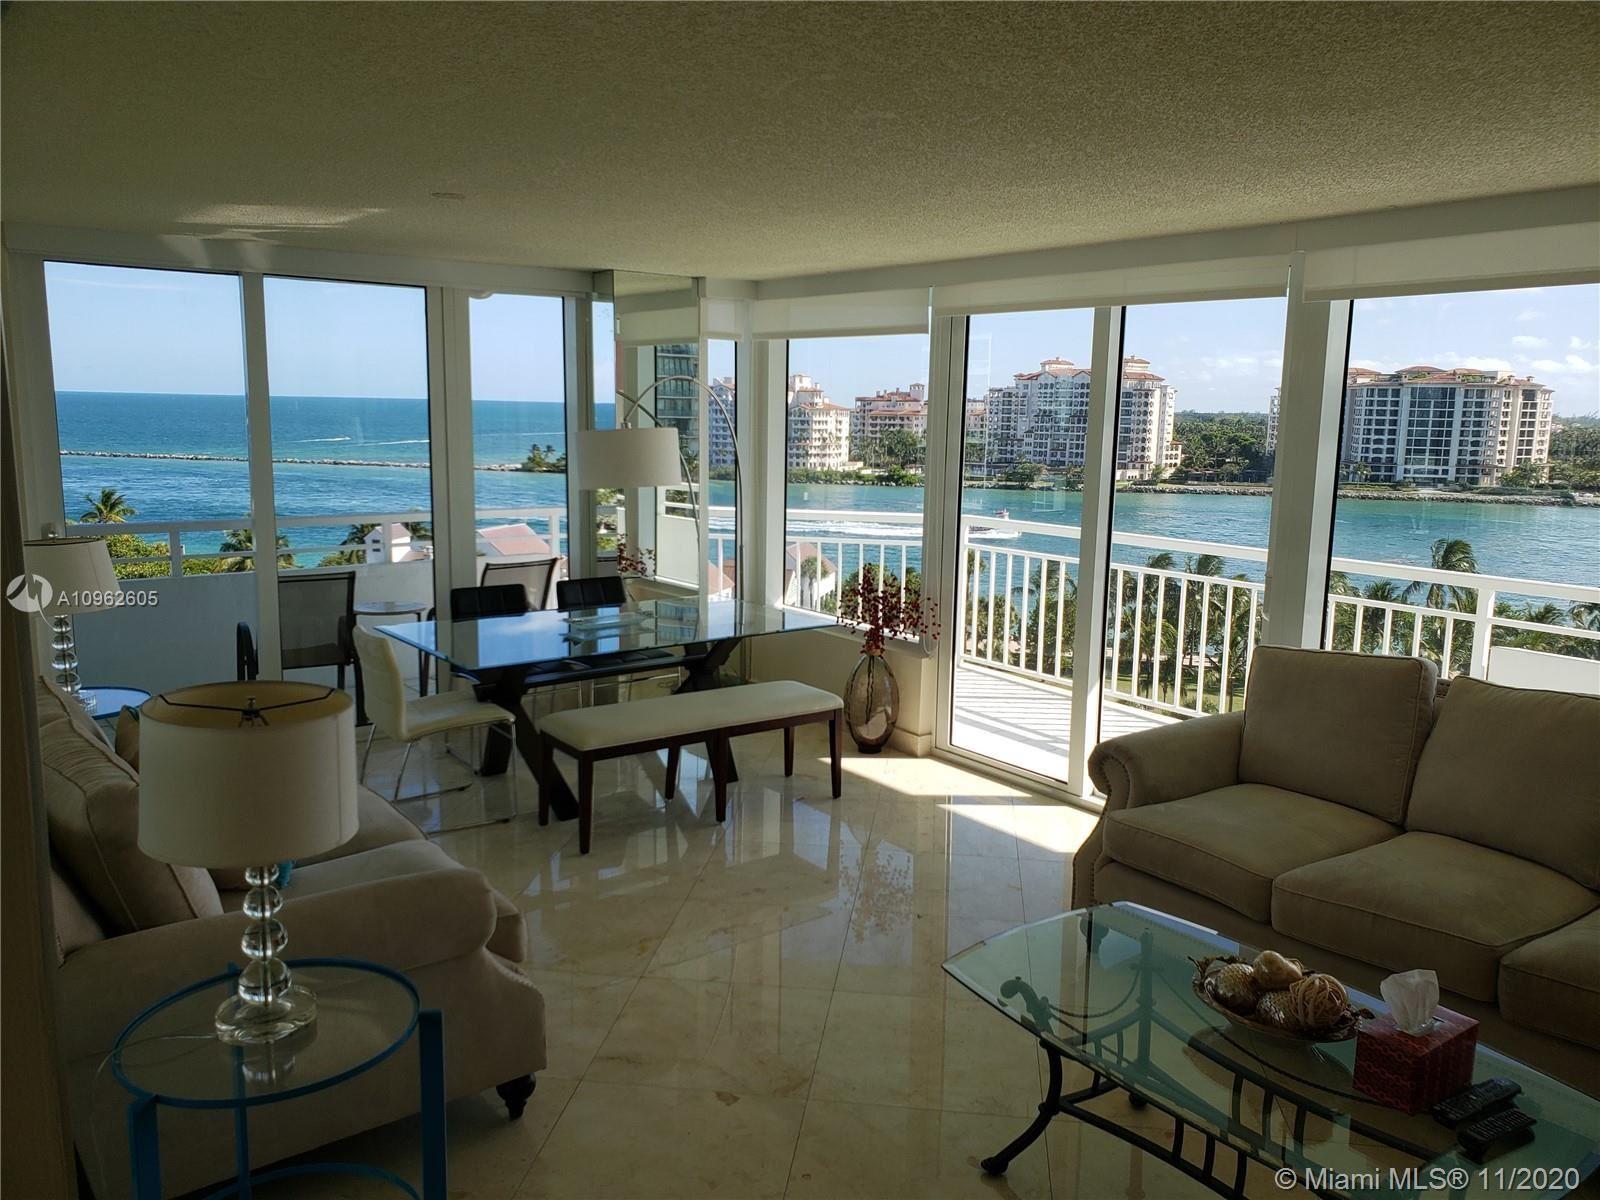 400 S Pointe Dr #903, Miami Beach, FL 33139 - #: A10962605